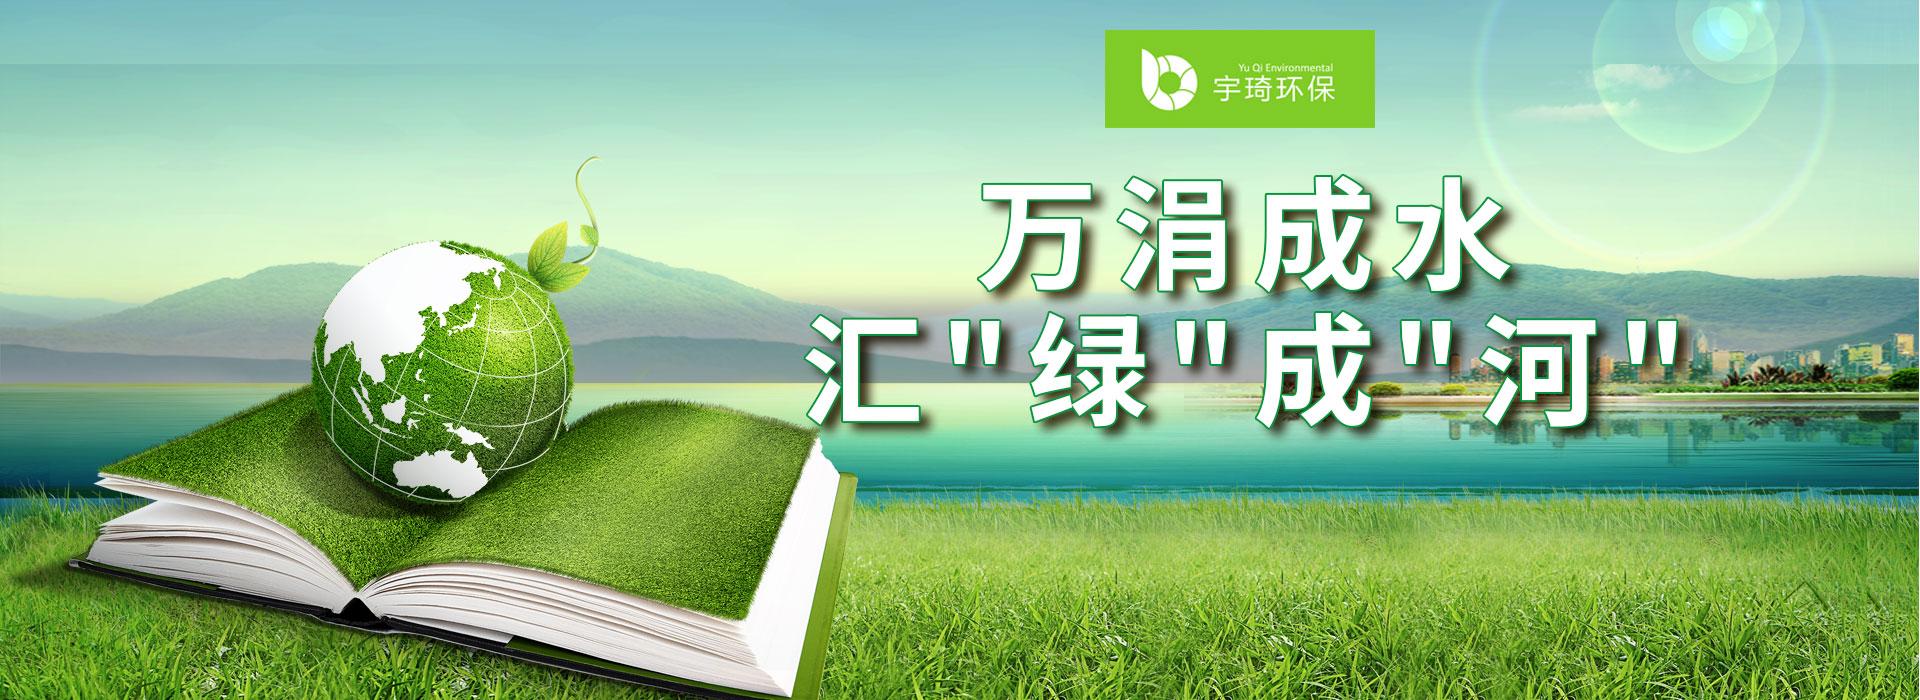 吉林省beplay体育官方网站环保科技发展有限公司